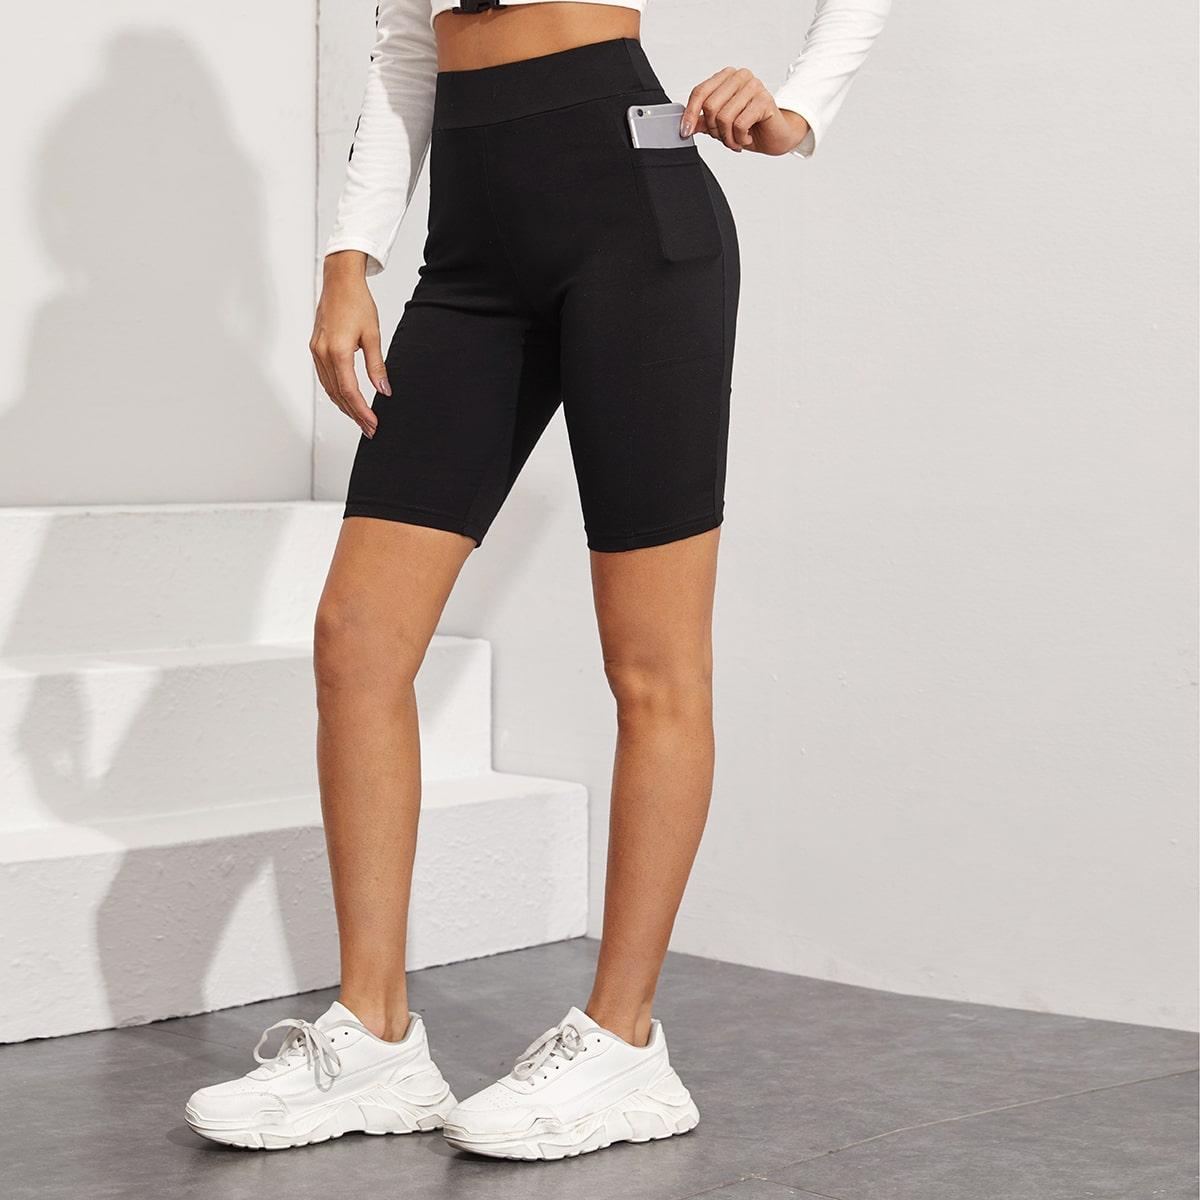 Велосипедные шорты с карманом и широкой талией